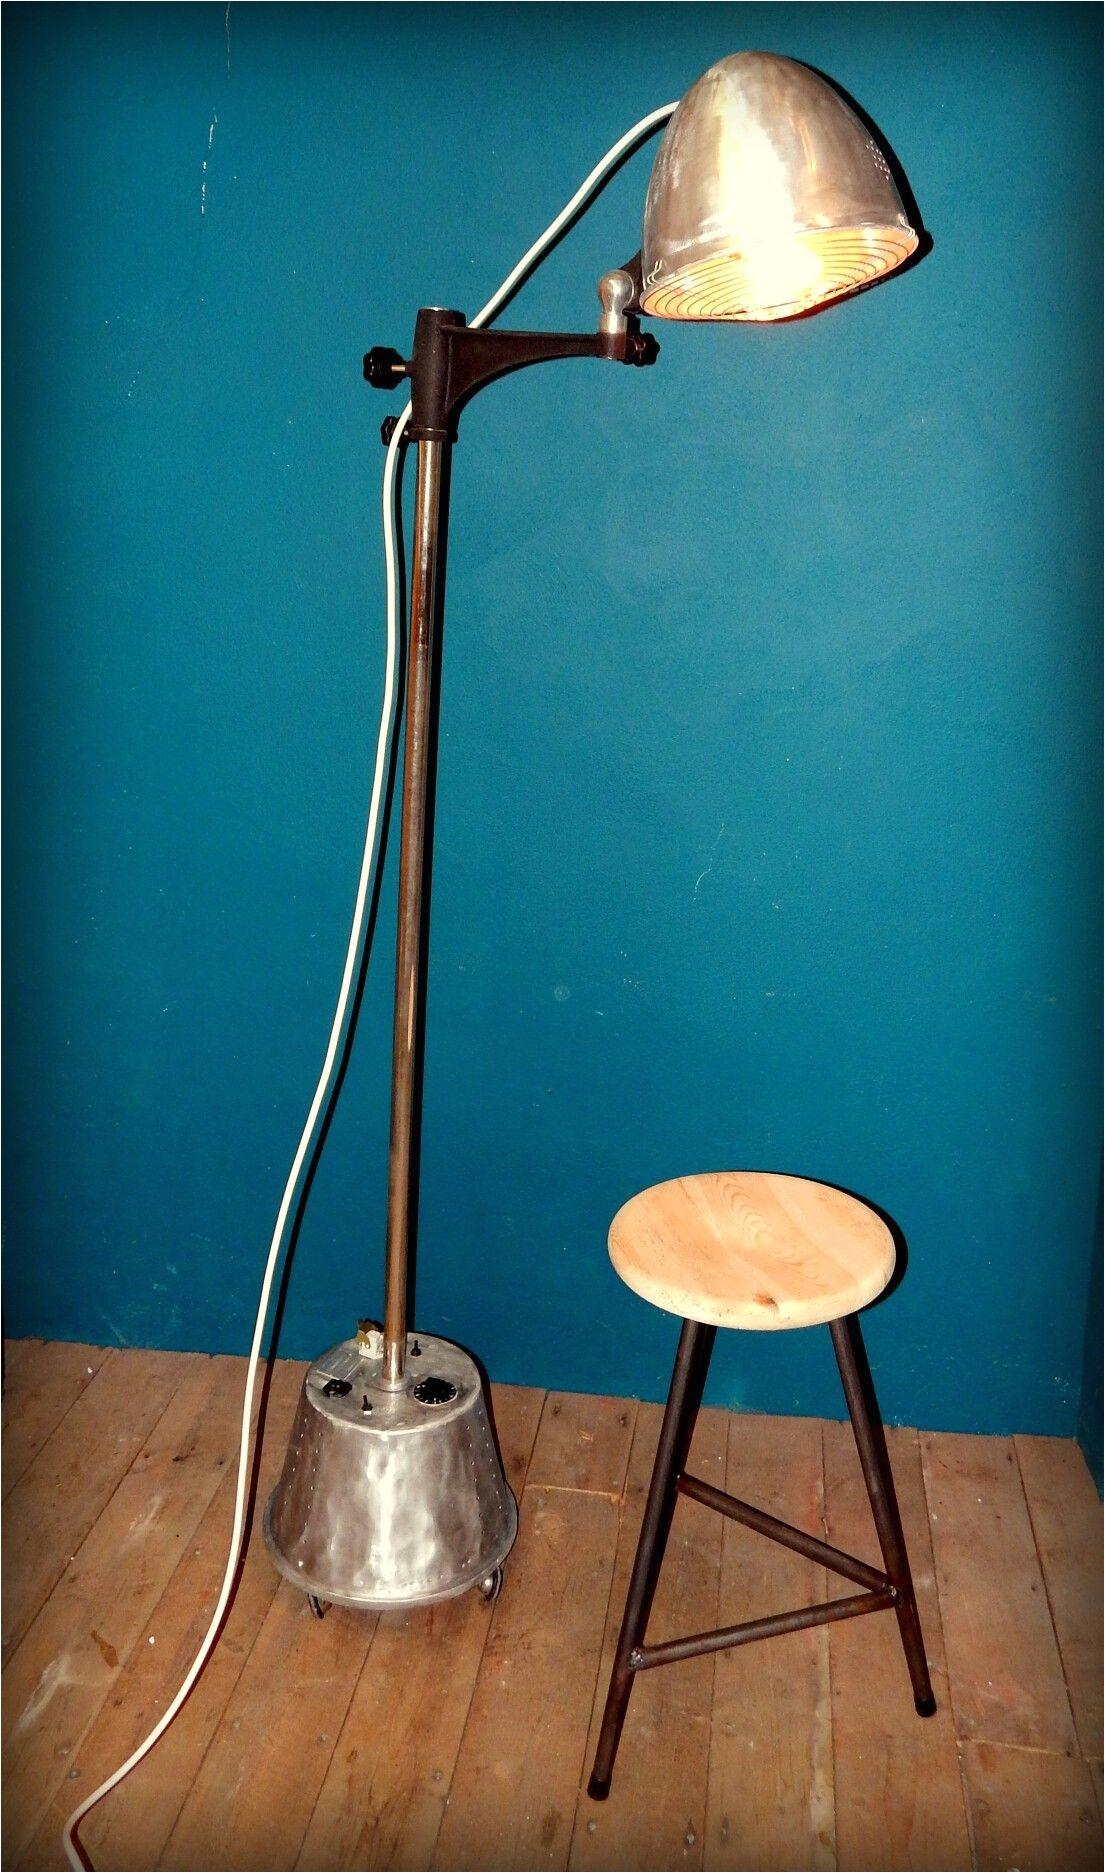 floor lamps medical 60 s standing lamps floor standing lamps standard lamps med school medical technology